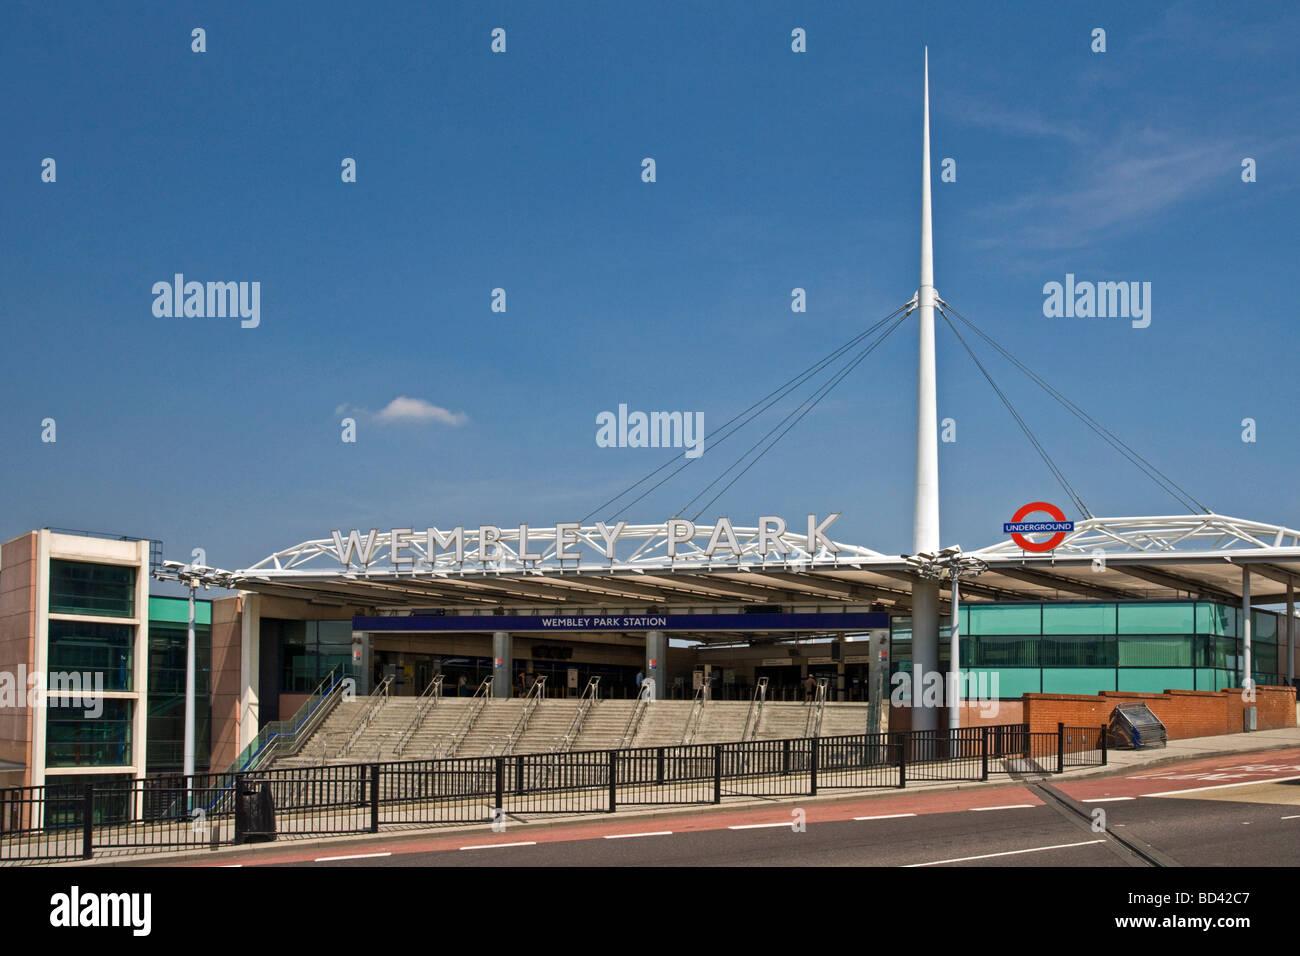 Wembley Park Train Station for Wembley Stadium London England Thursday July 02 2009 - Stock Image